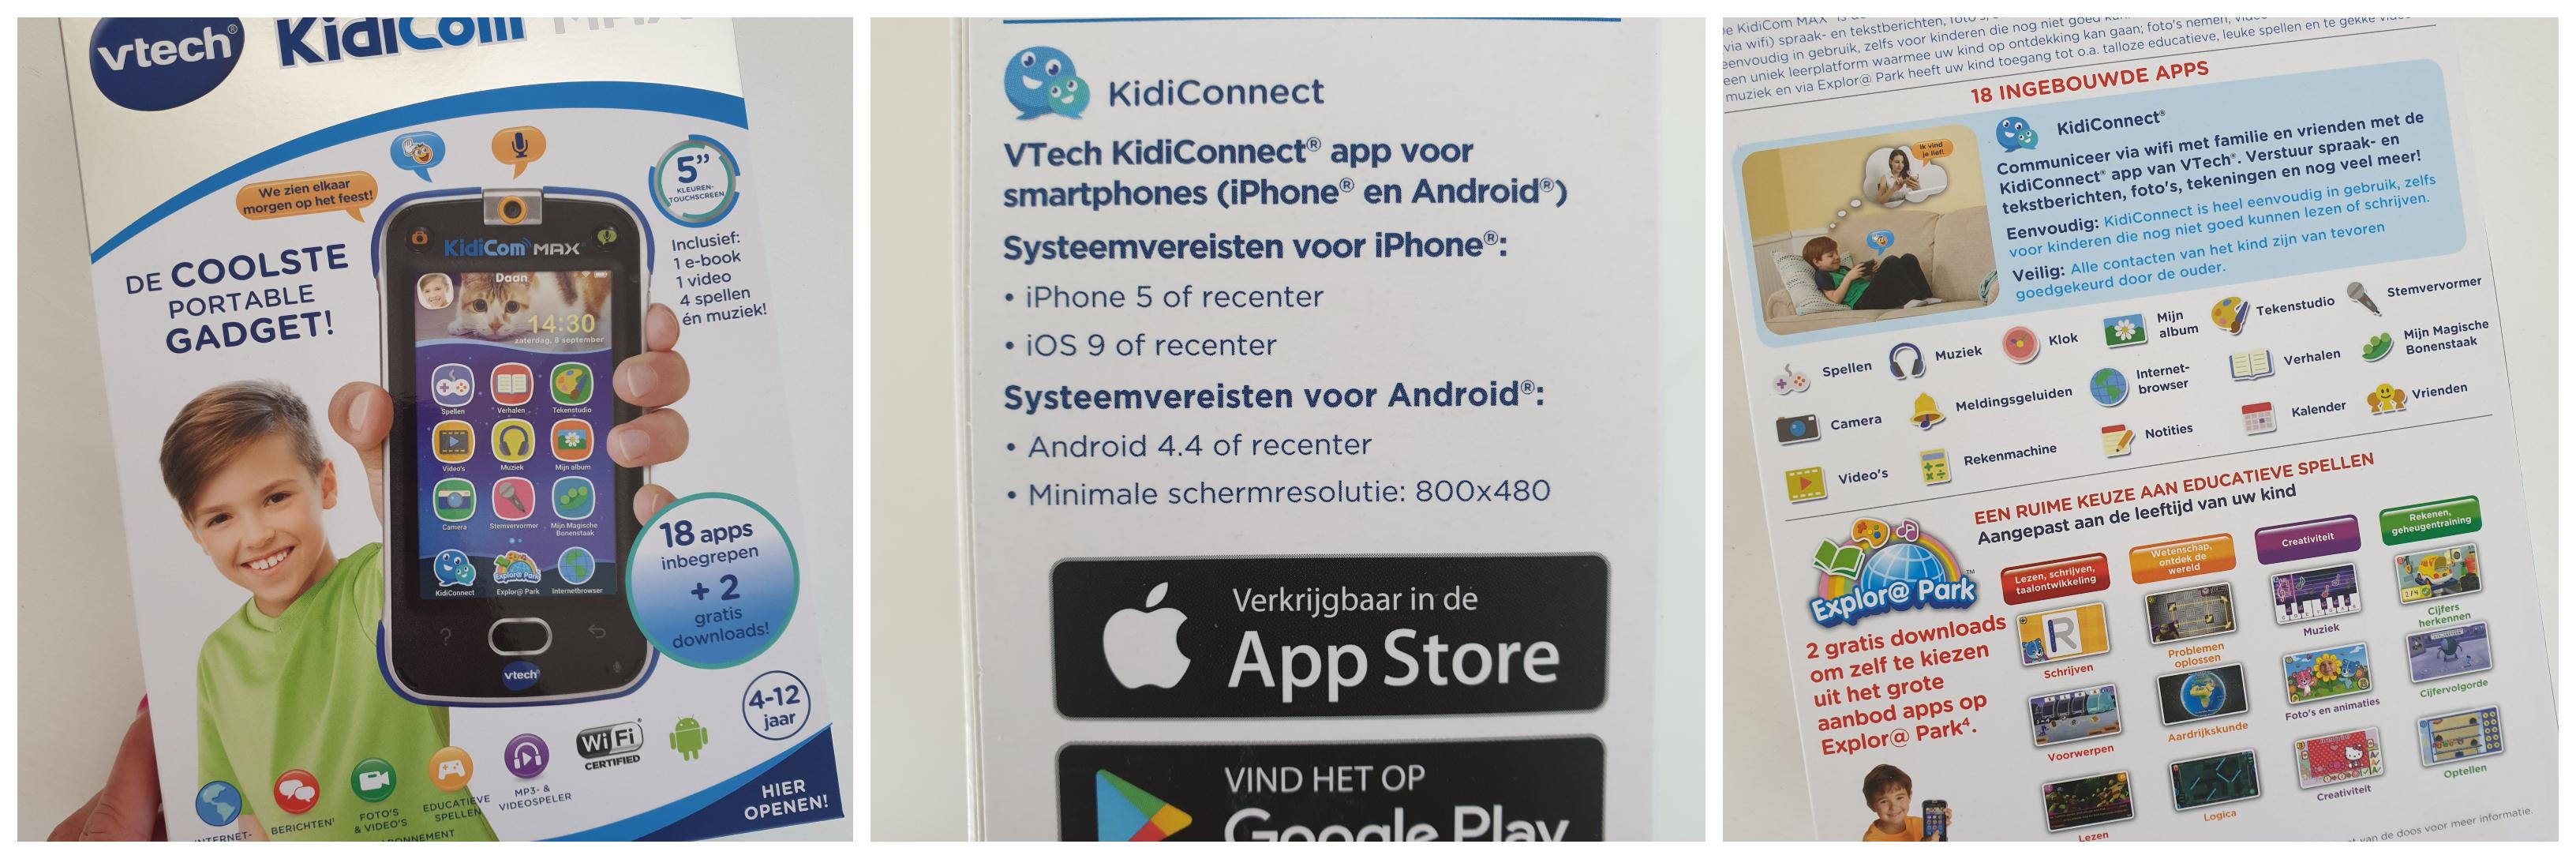 KidiCom Max apps en meer